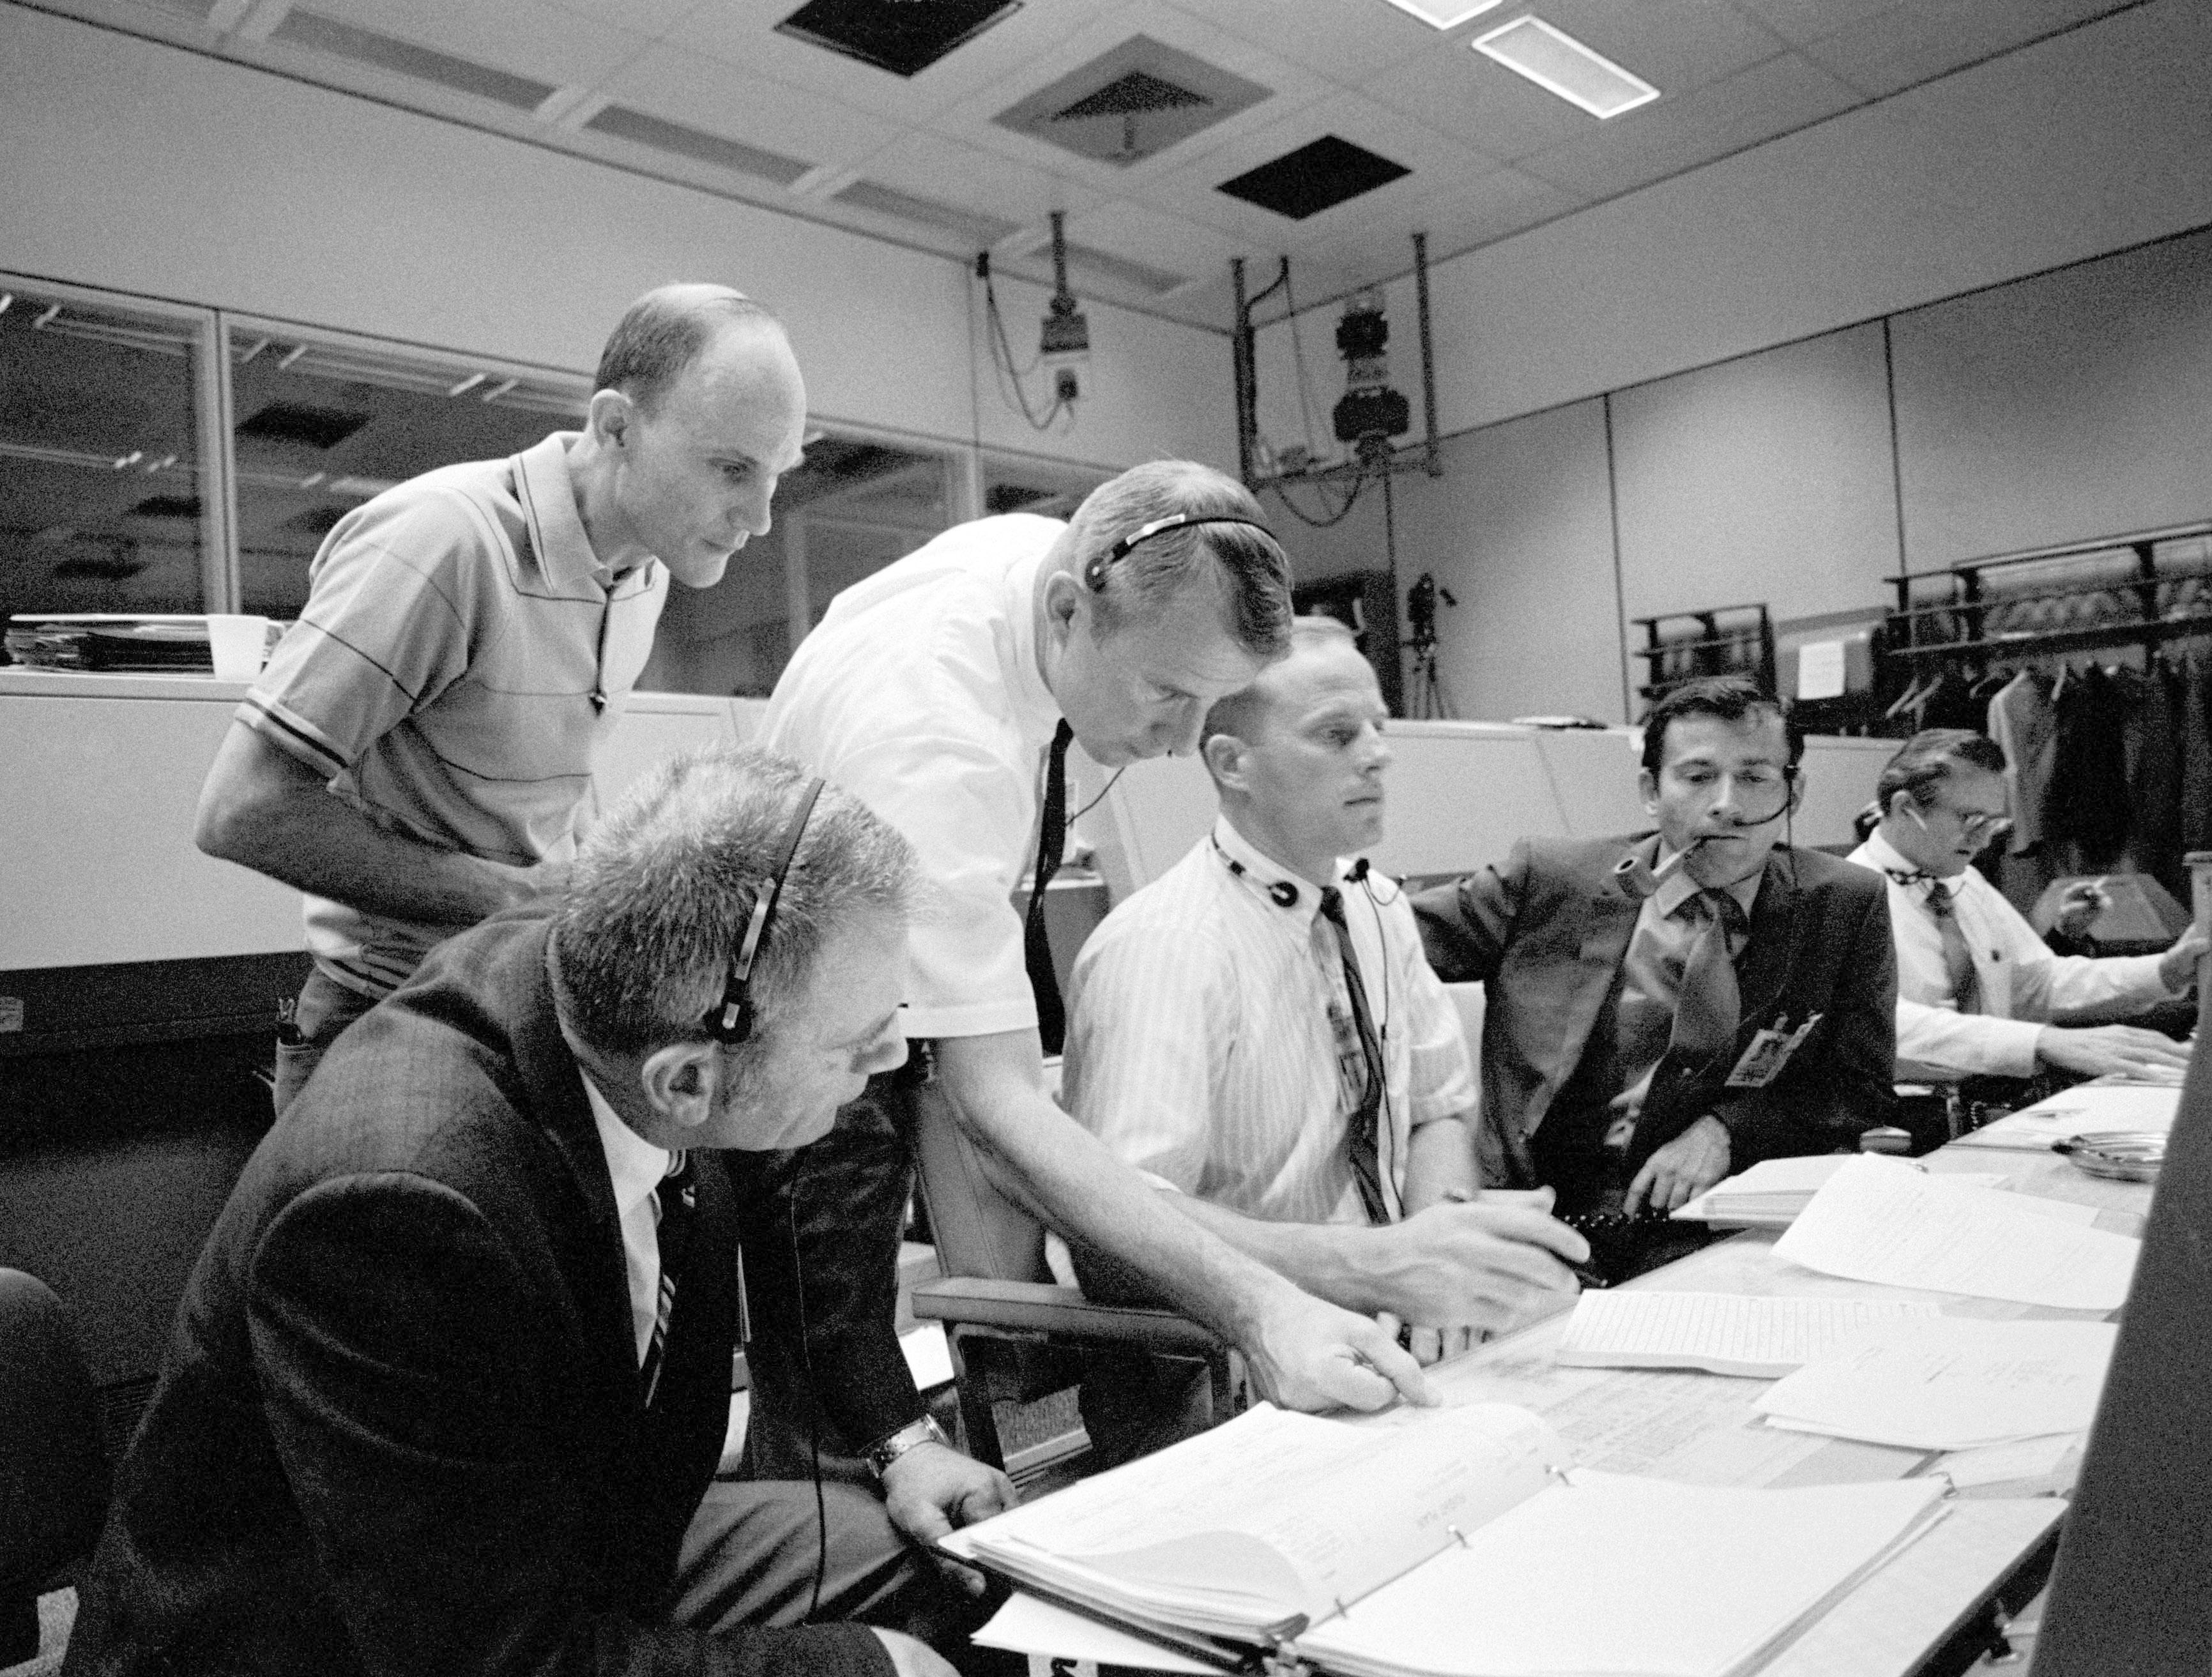 apollo 13 mission control - photo #15